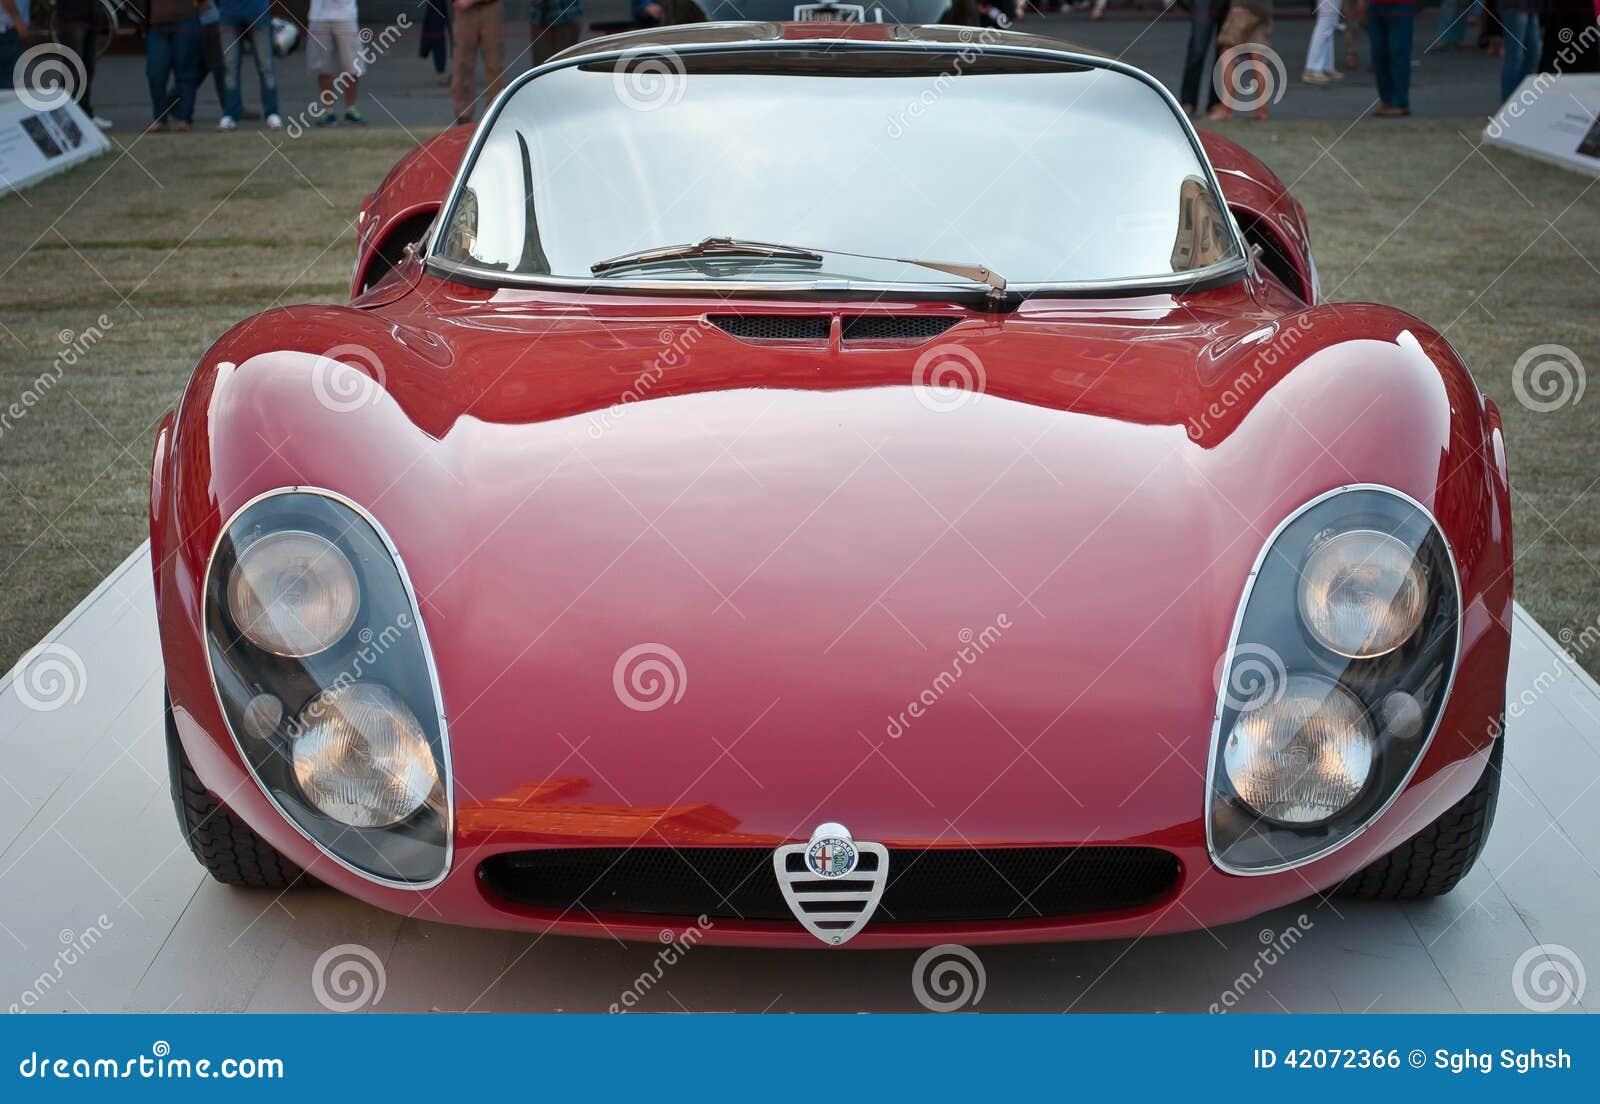 Alfa romeo vintage cars 13